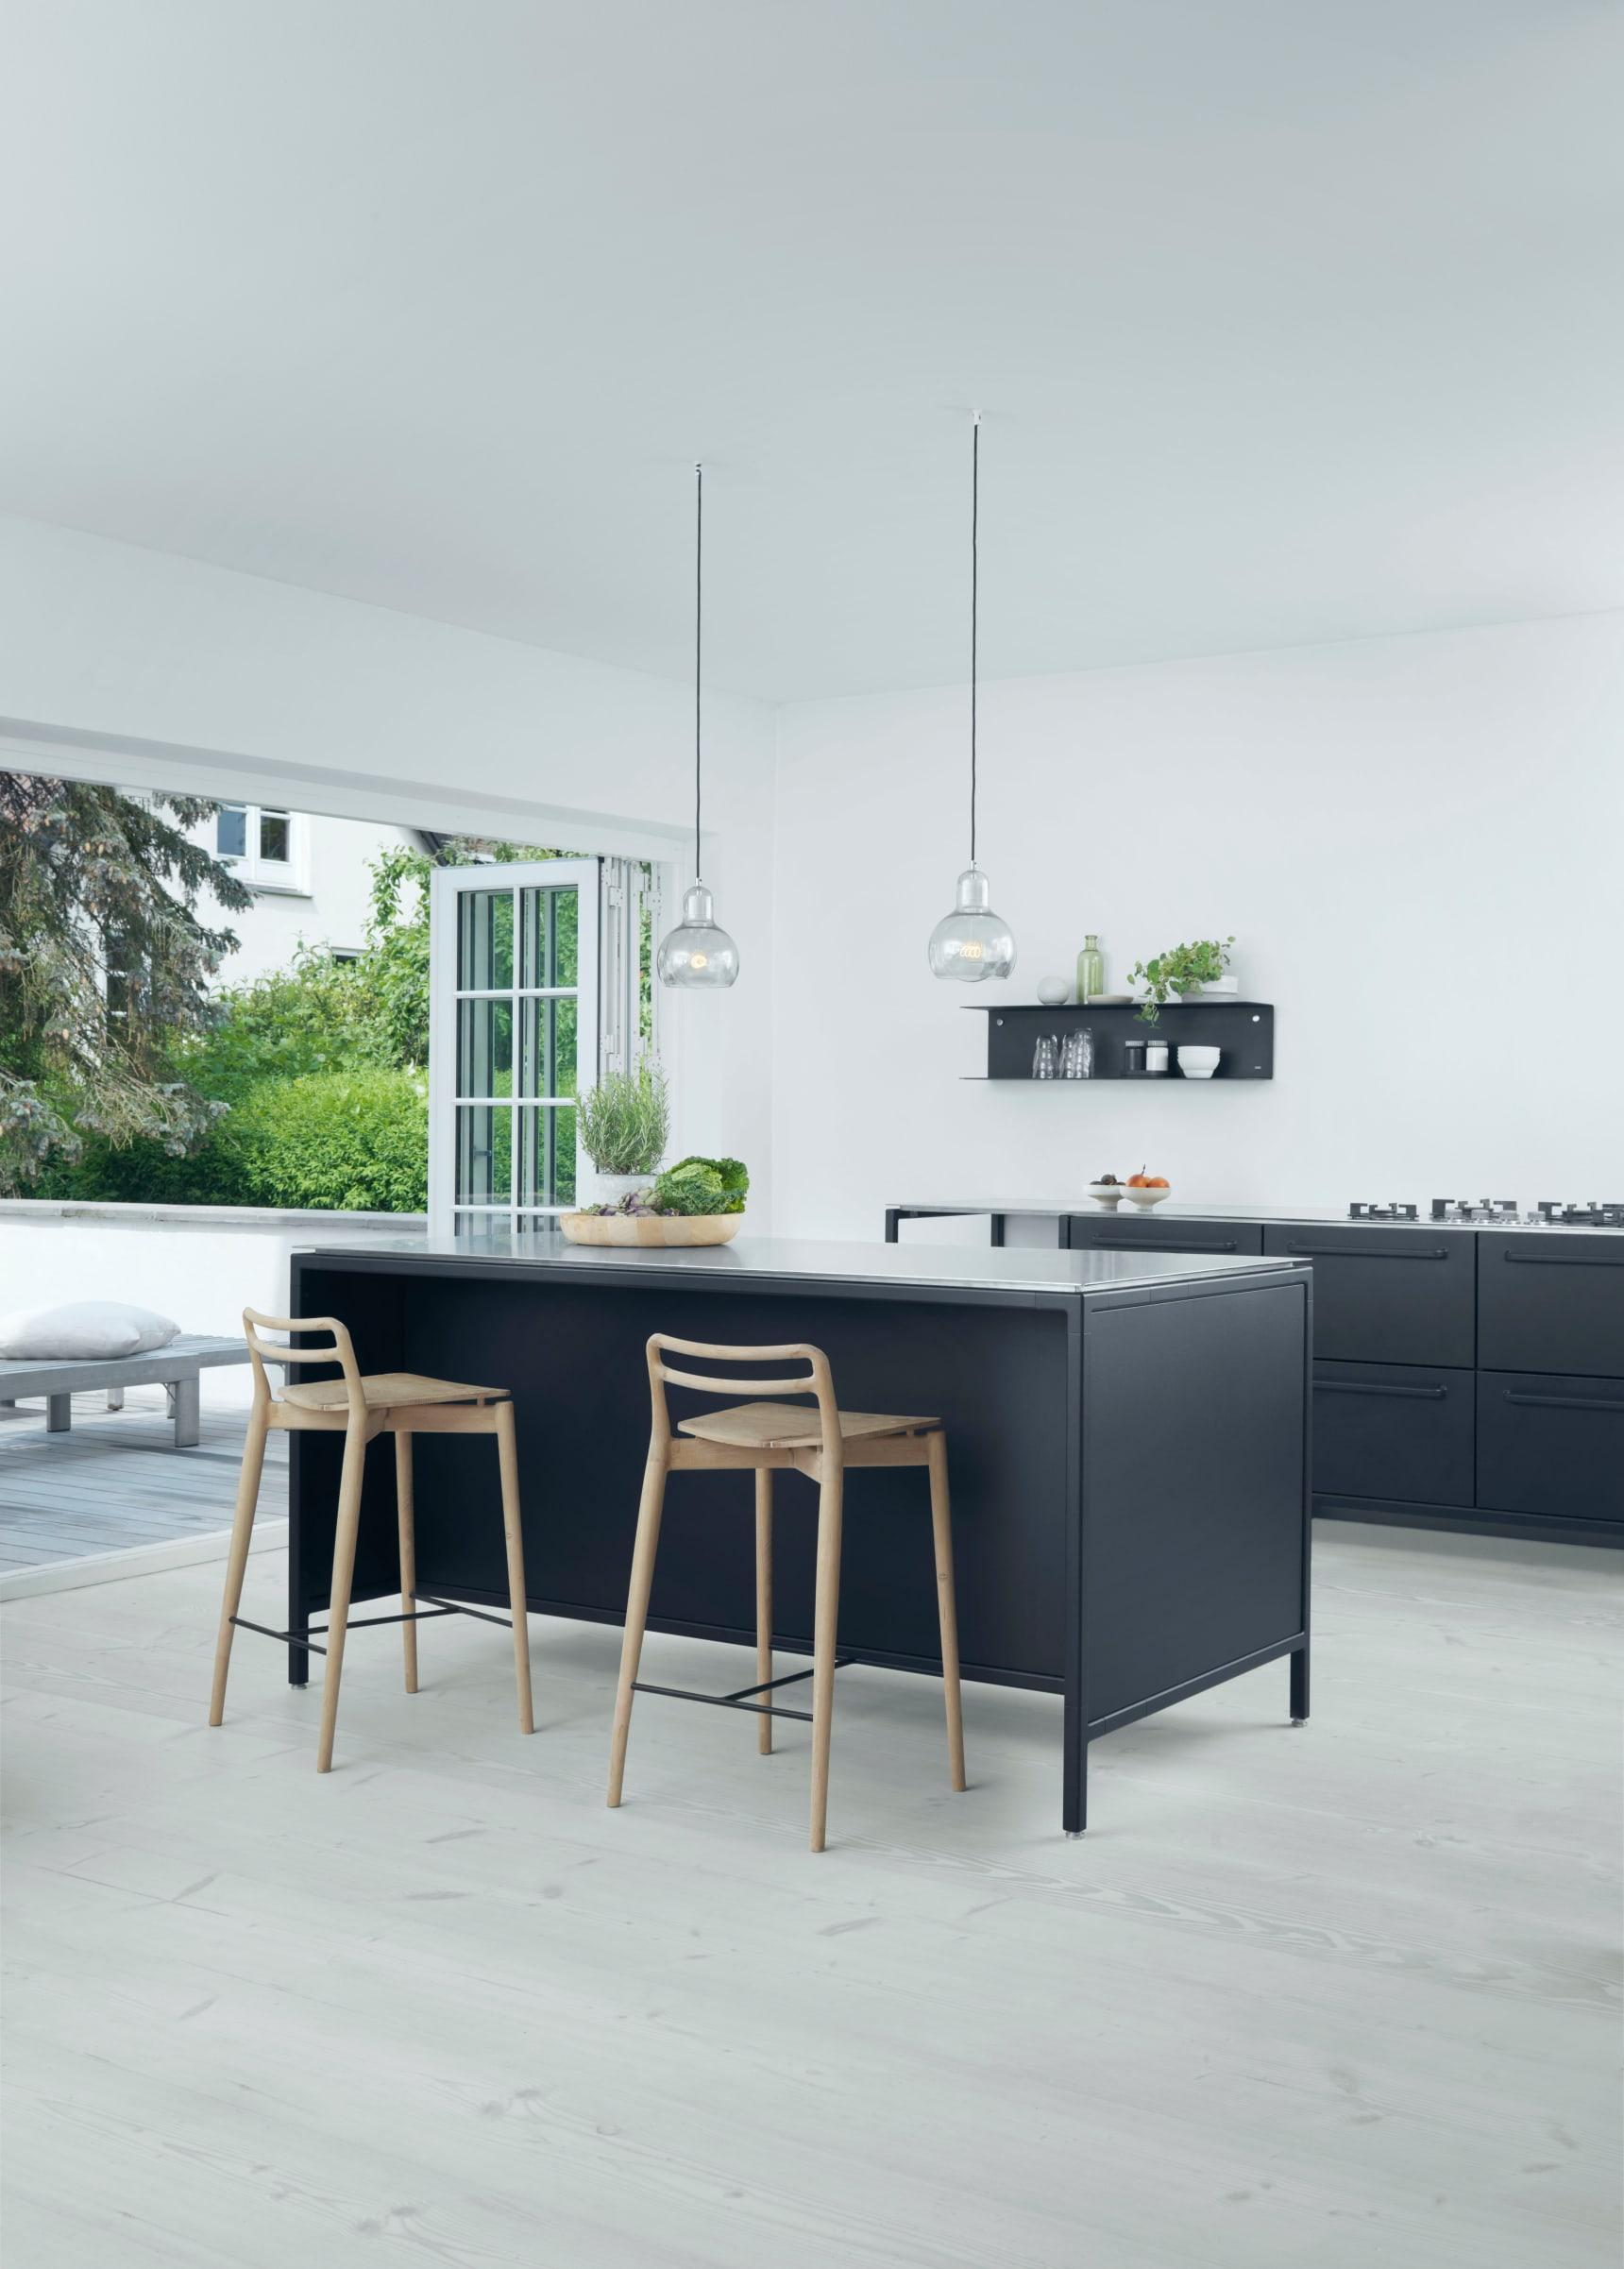 Küchen-Design Inspirationen: So könnte Deine nächste Küche aussehen 19